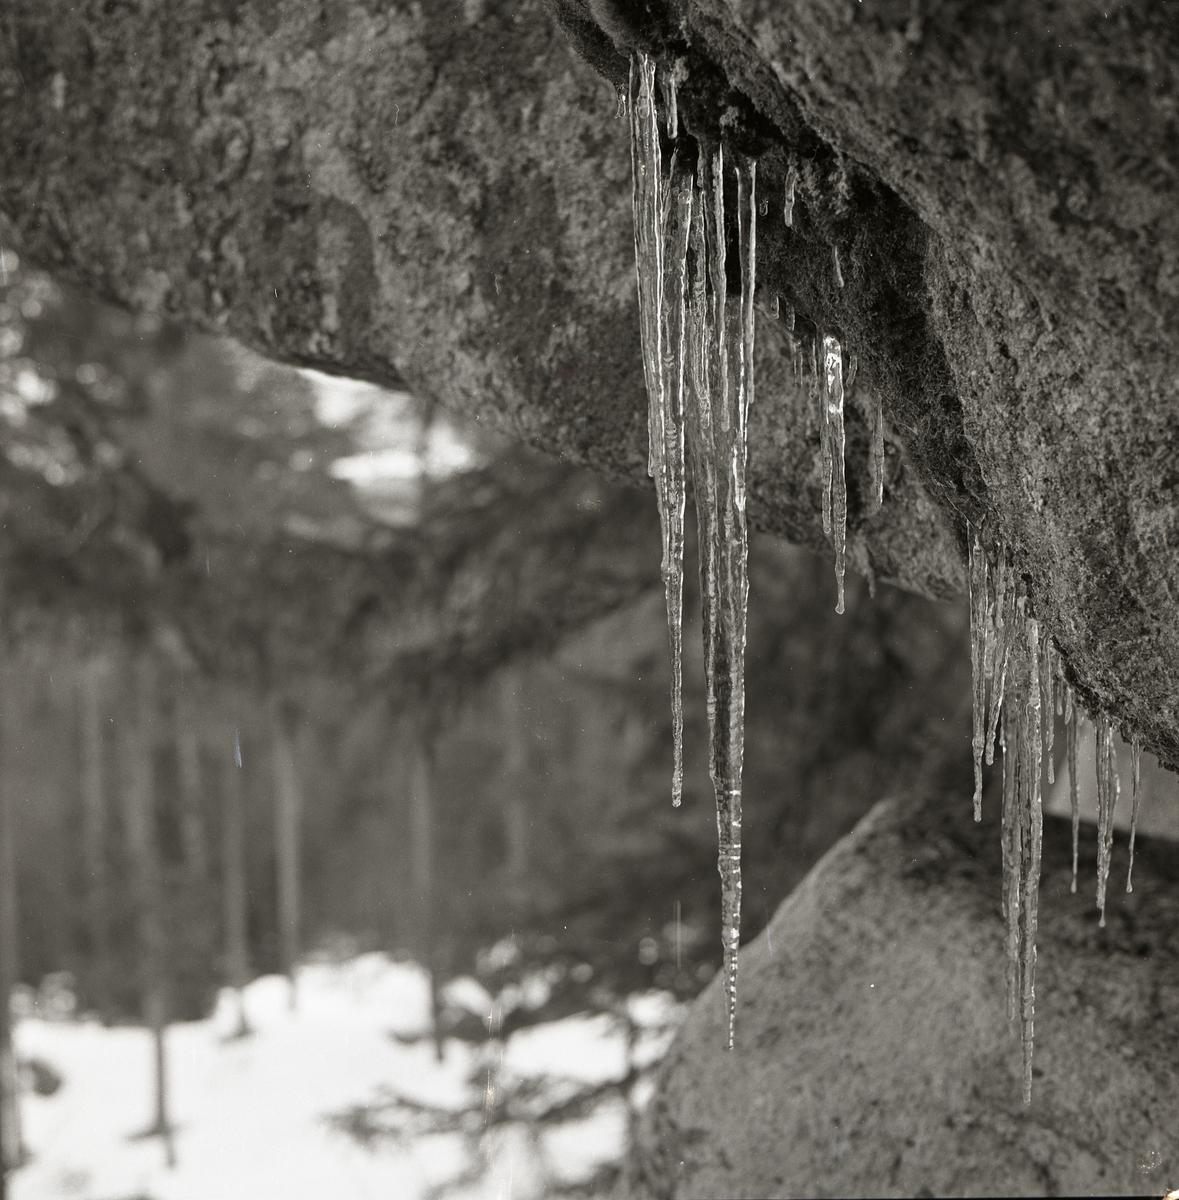 Istappar hänger från mossiga stenar.